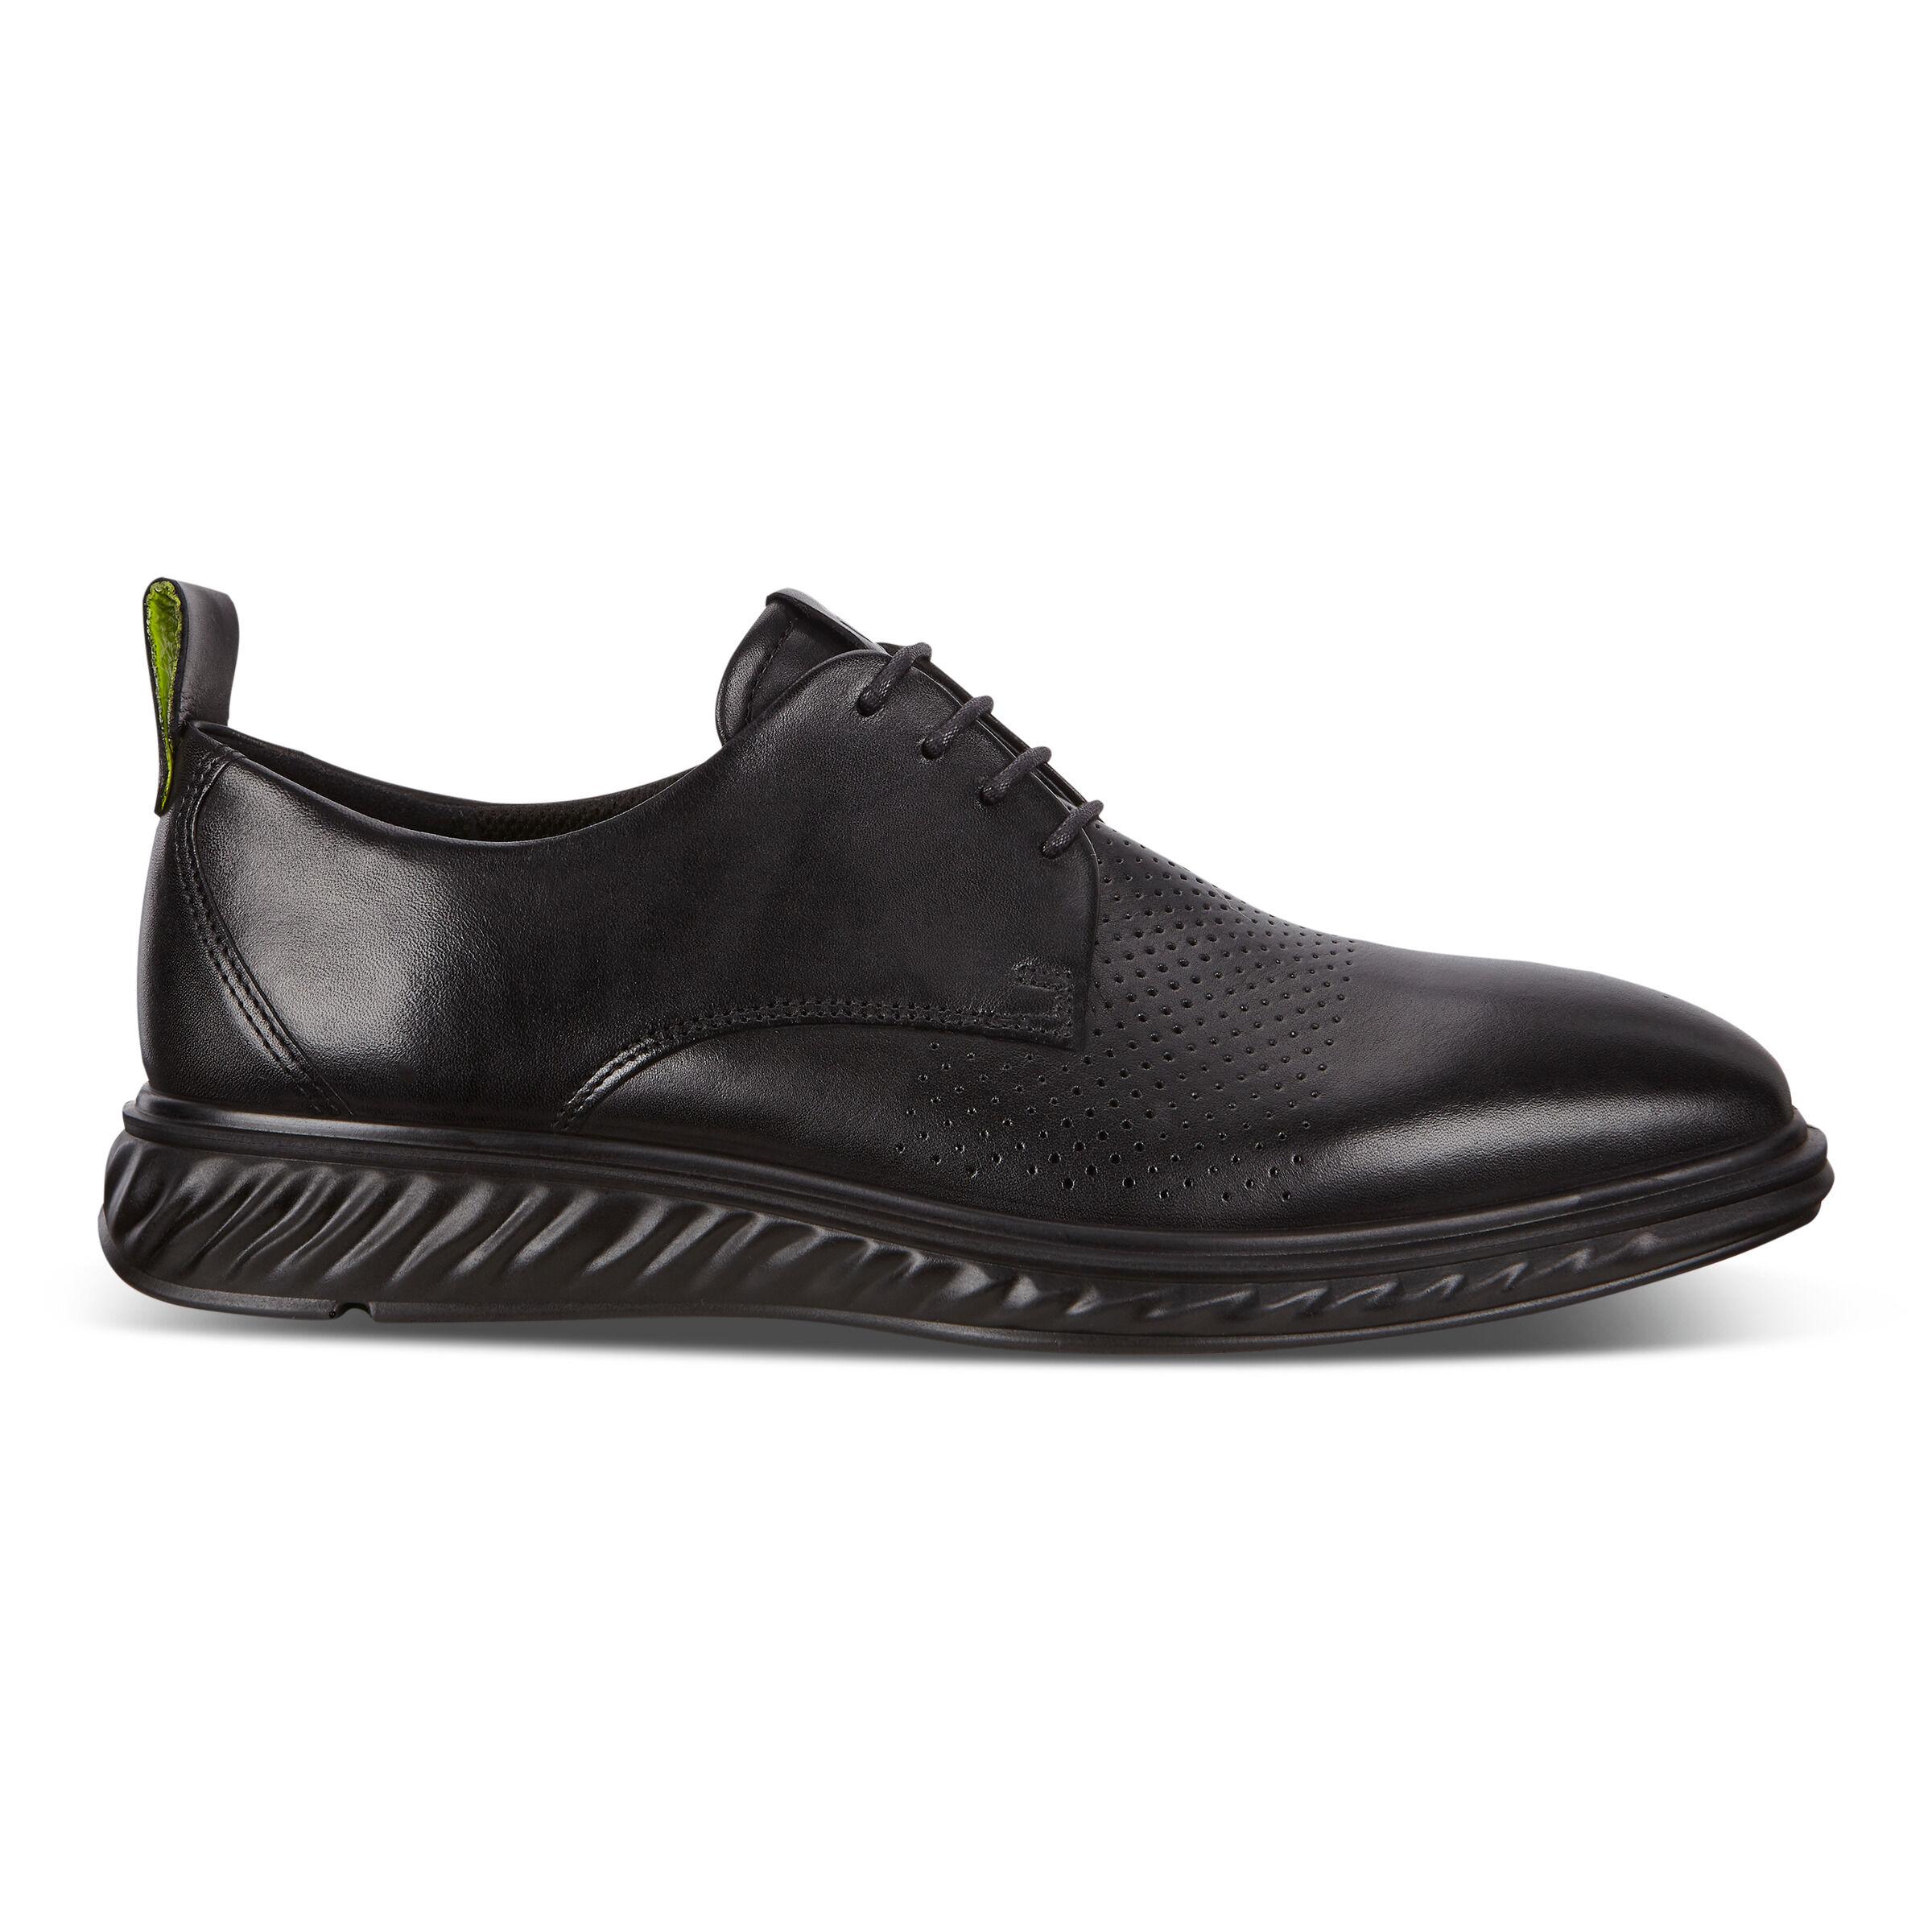 에코 ECCO ST.1 Hybrid Lite Plain-Toe Derby Shoes,black